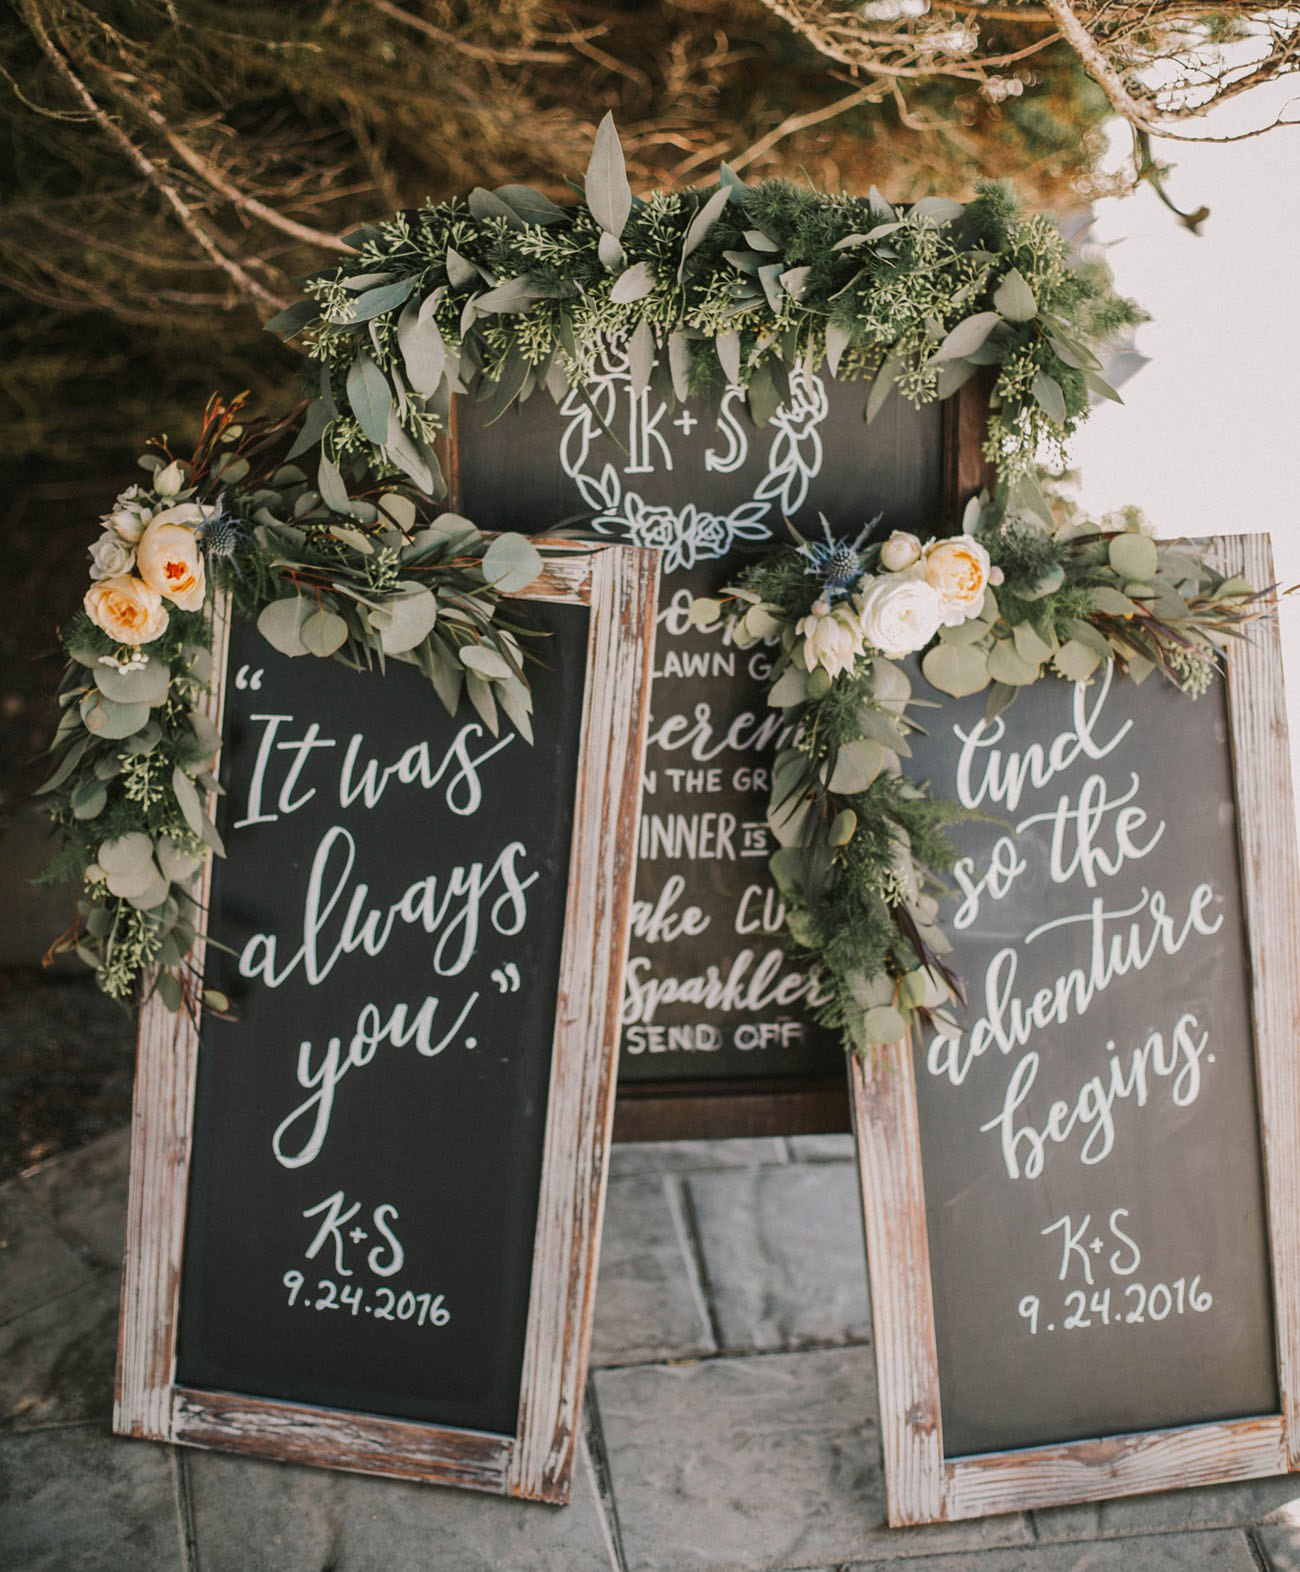 WLgShZOddts - Свадьба в заповедном лесу на берегу океана (26 фото)